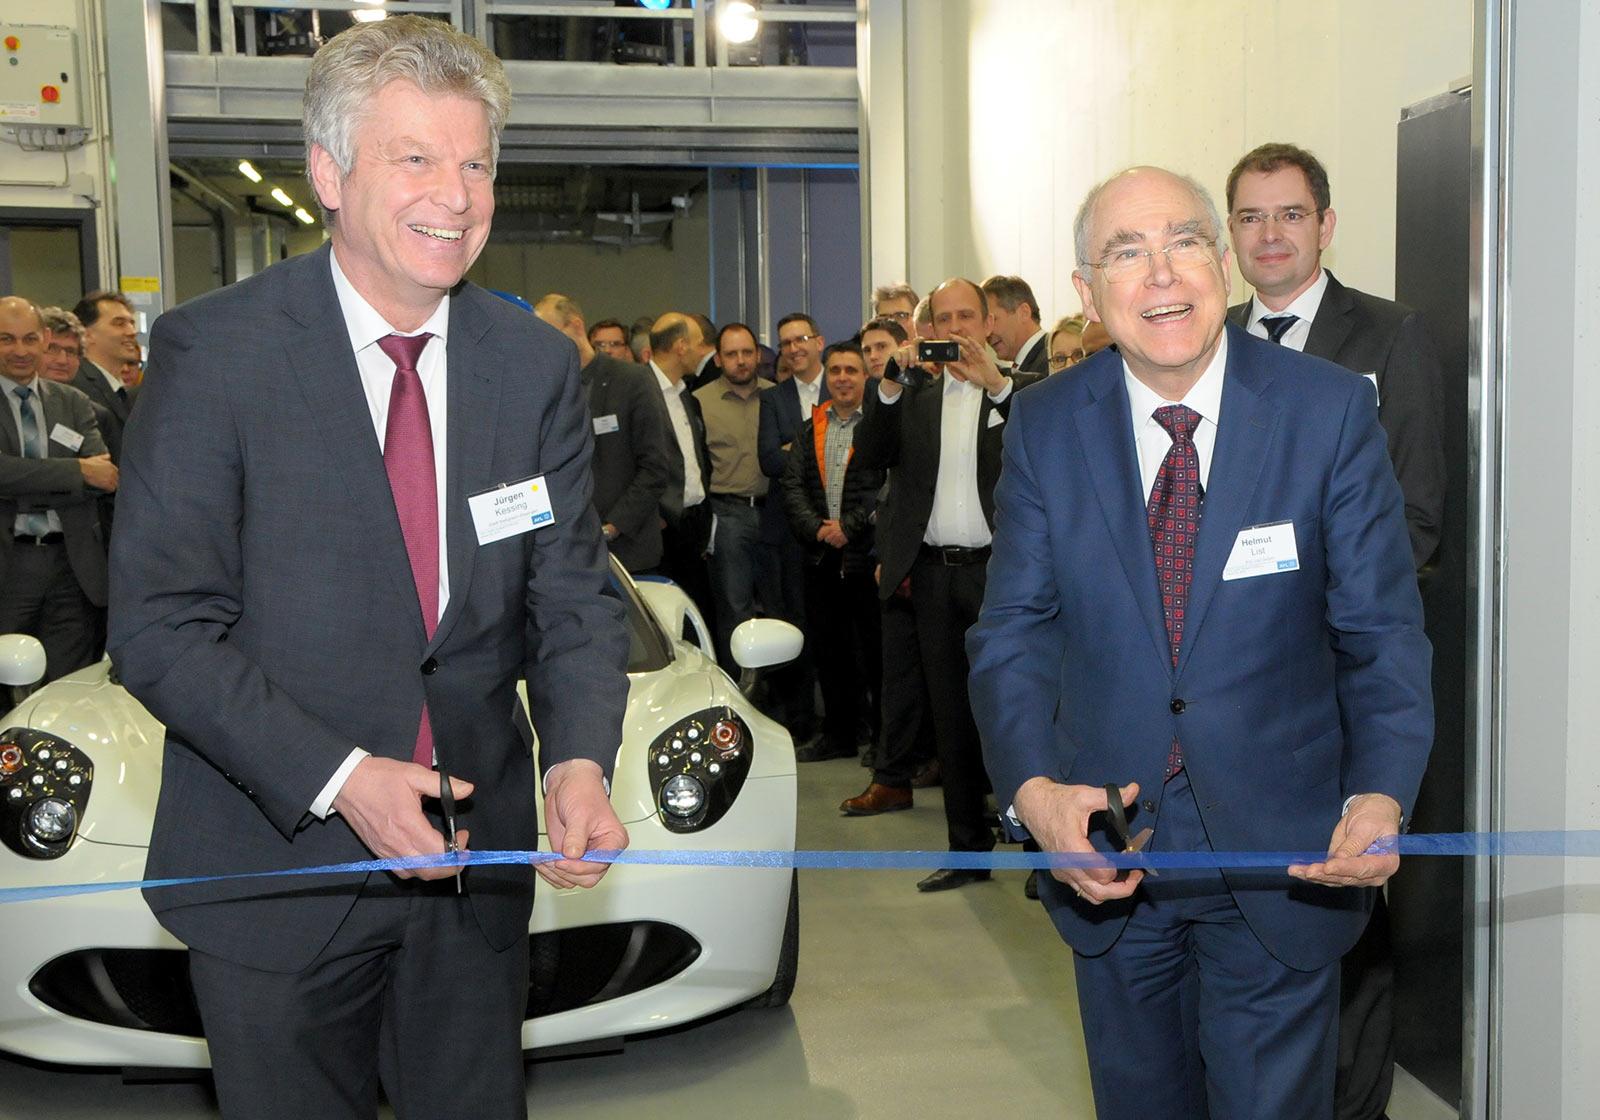 Helmut List (CEO AVL) und Jürgen Kessing (Bürgermeister von Bietigheim) bei der Eröffnungsfeier des neuen Tech Center nahe Stuttgart. Foto: AVL